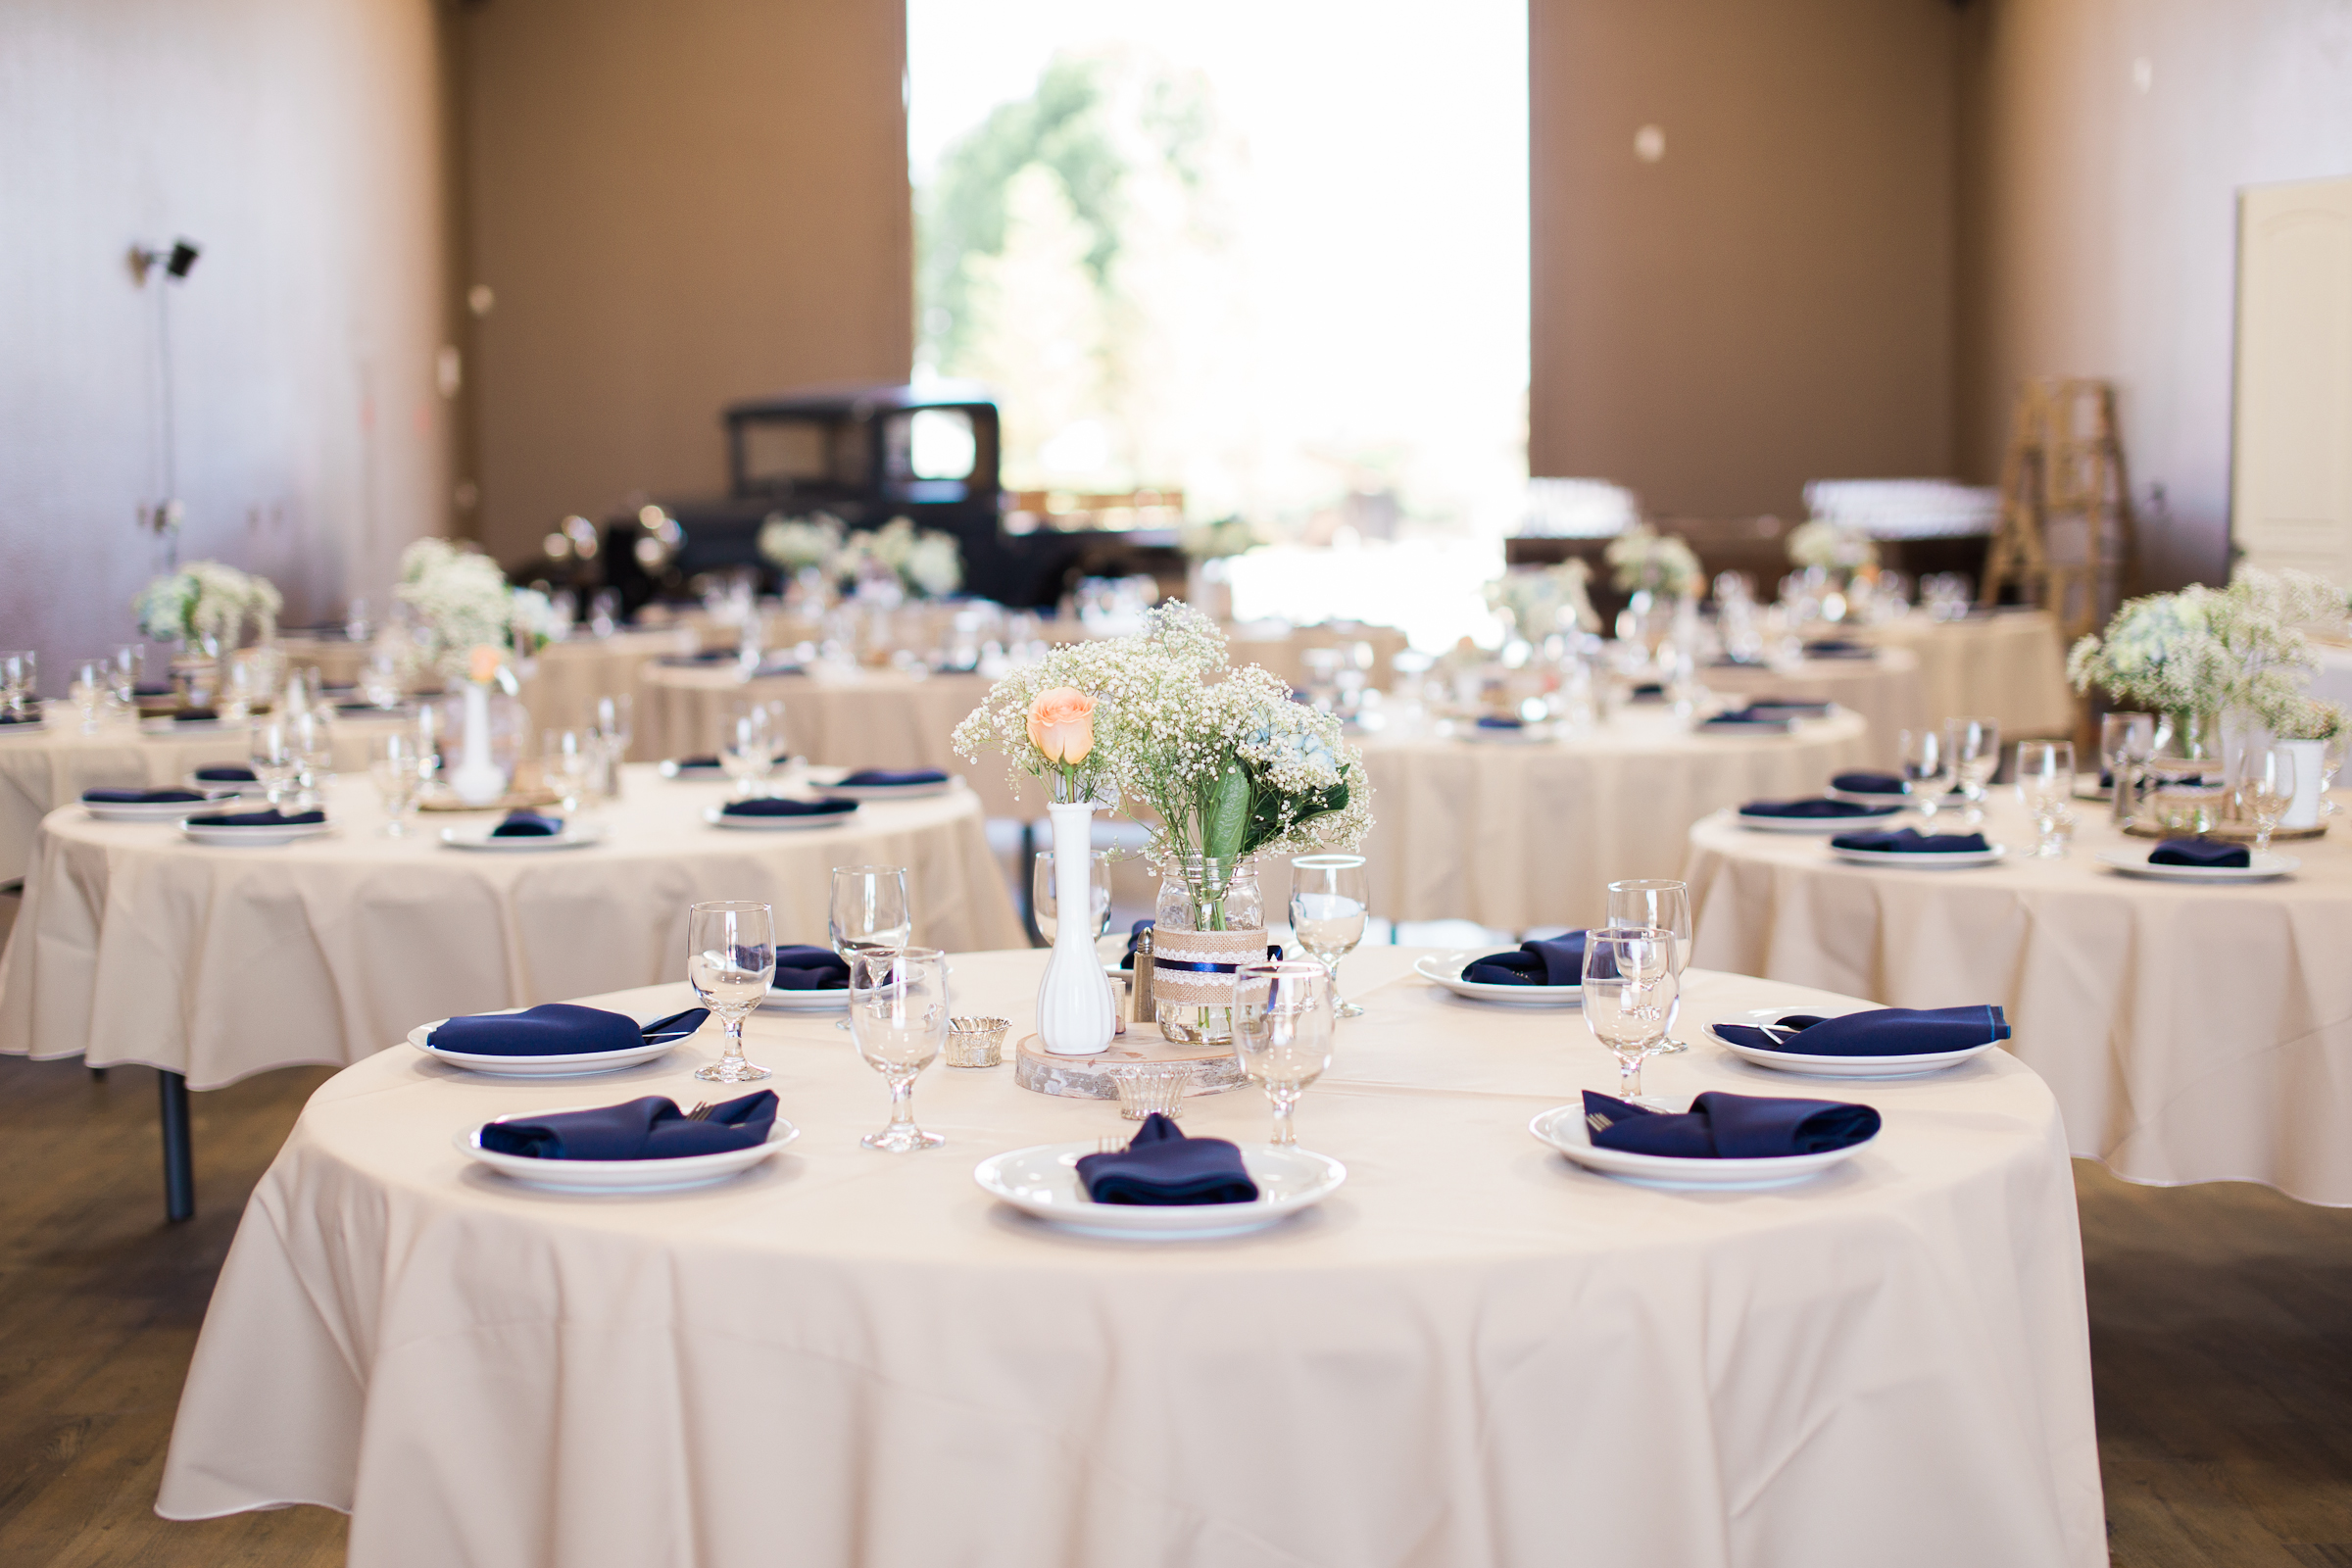 Andrew_and_Michelle_ByronCA_Leer_Vineyards_wedding-45.jpg